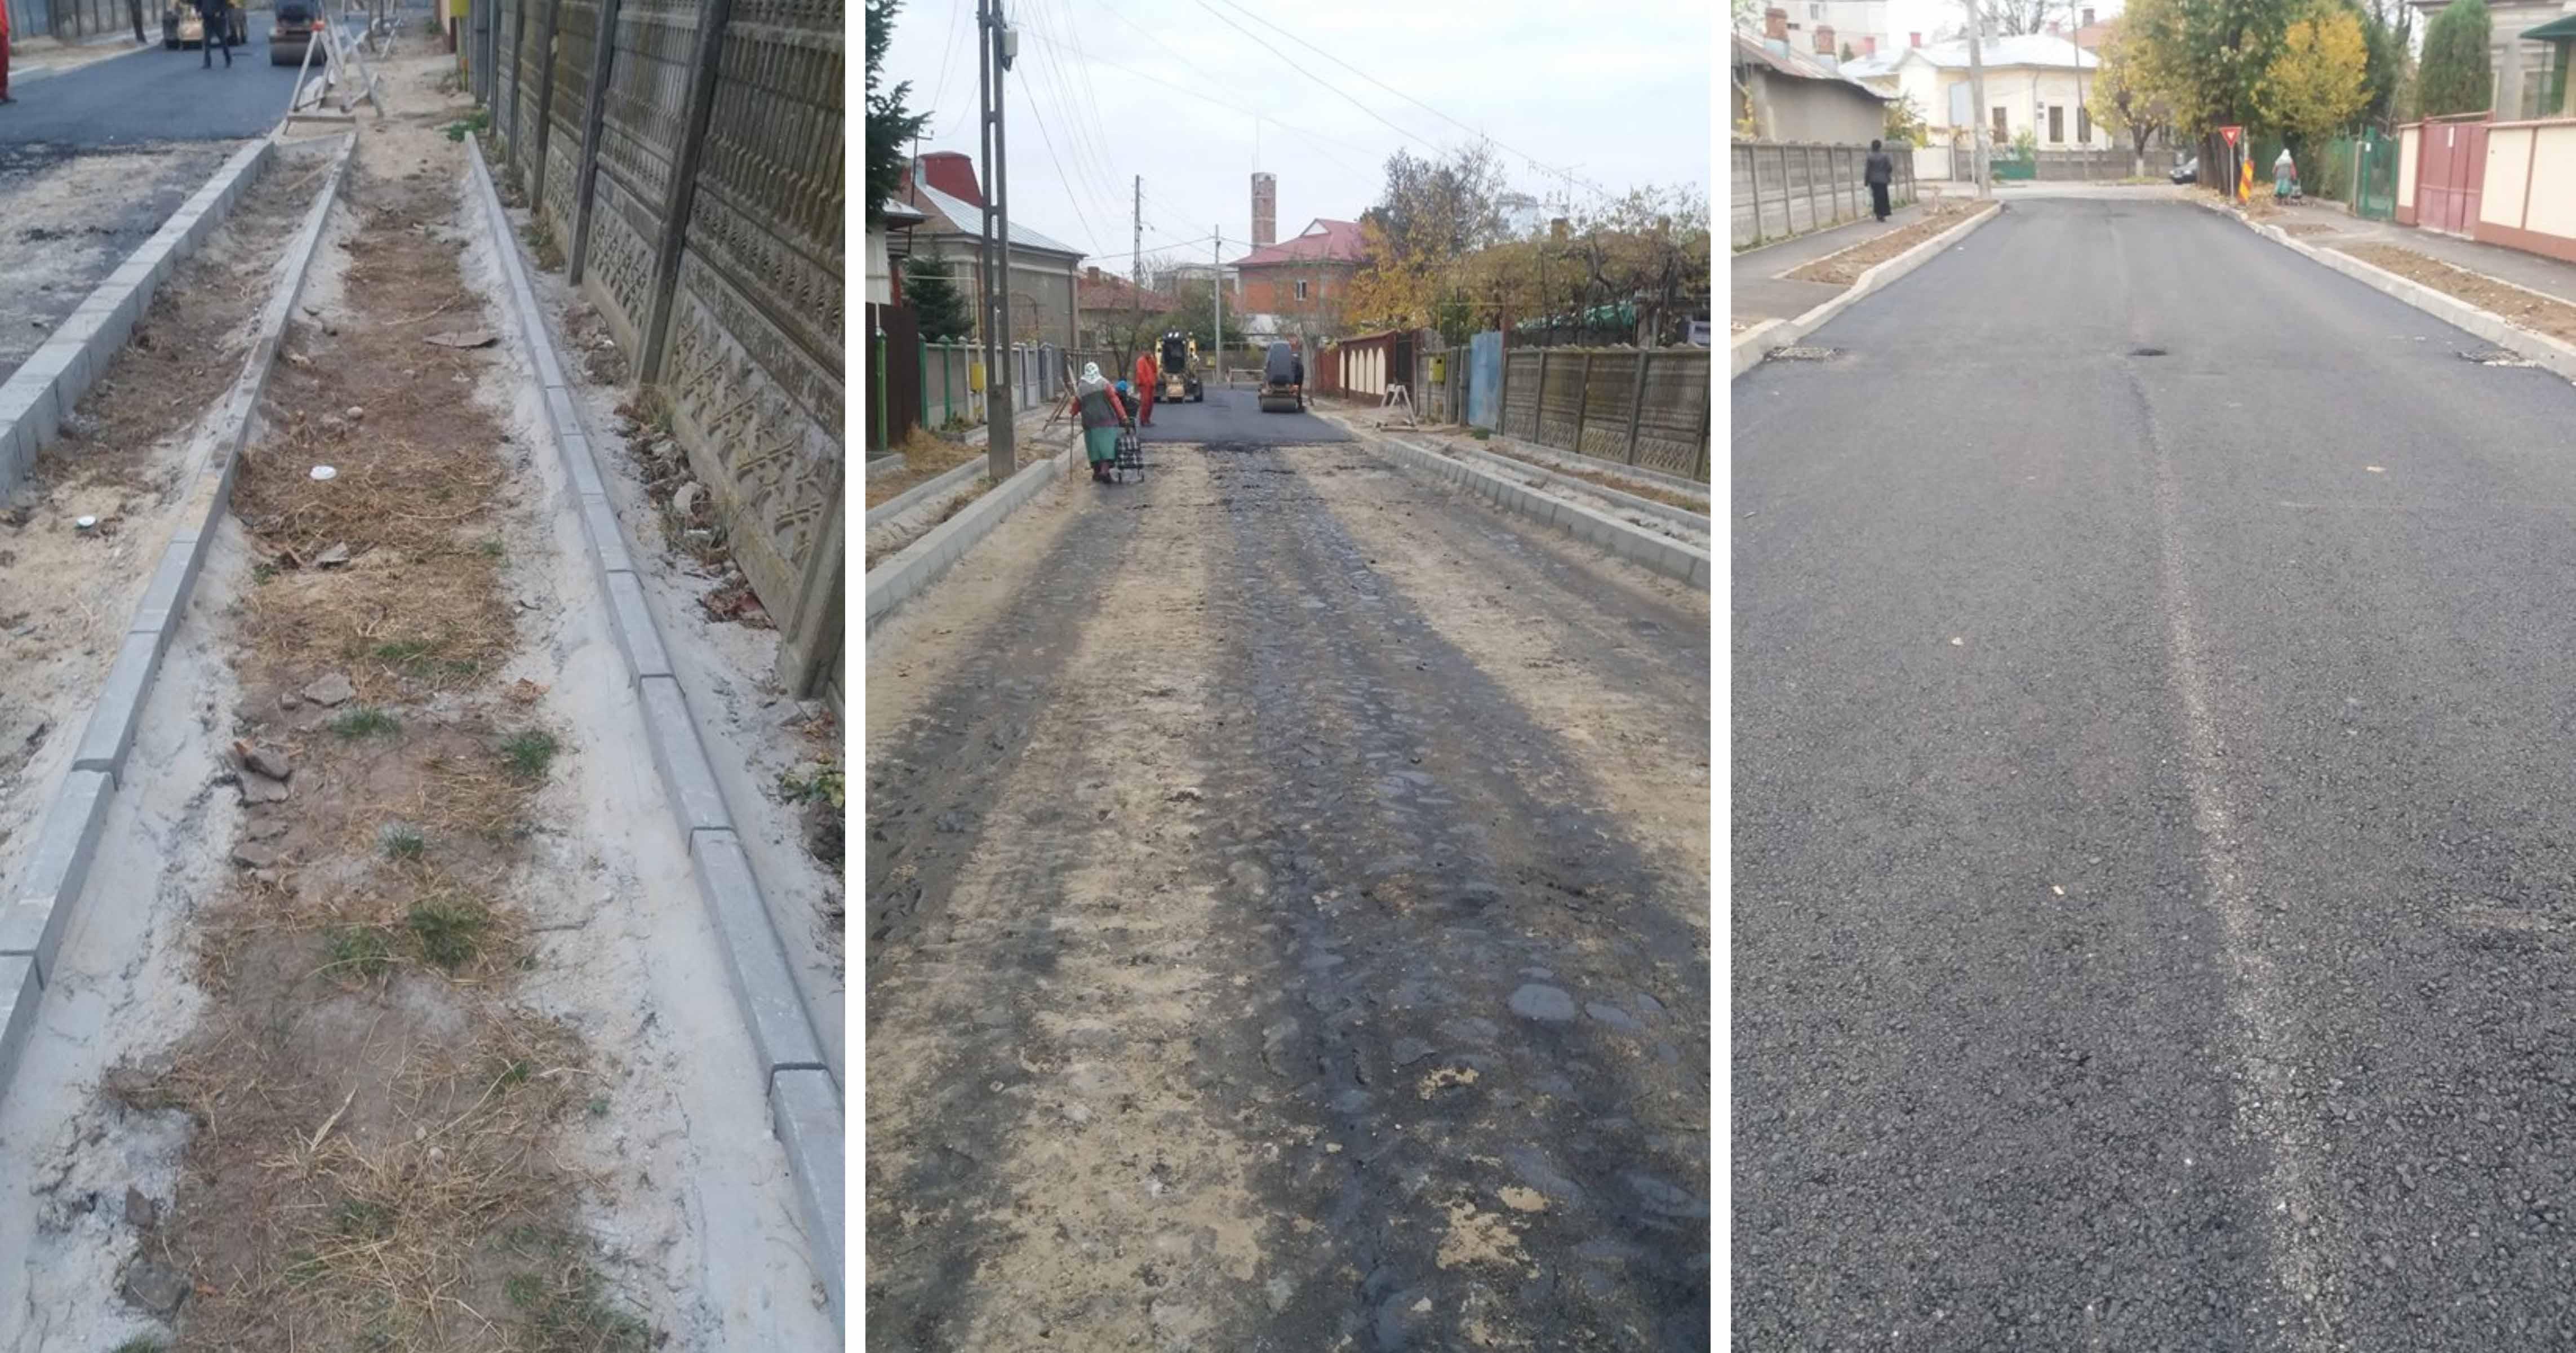 Şapte străzi din Roşiorii de Vede sunt în ample lucrări de reparaţii şi modernizare